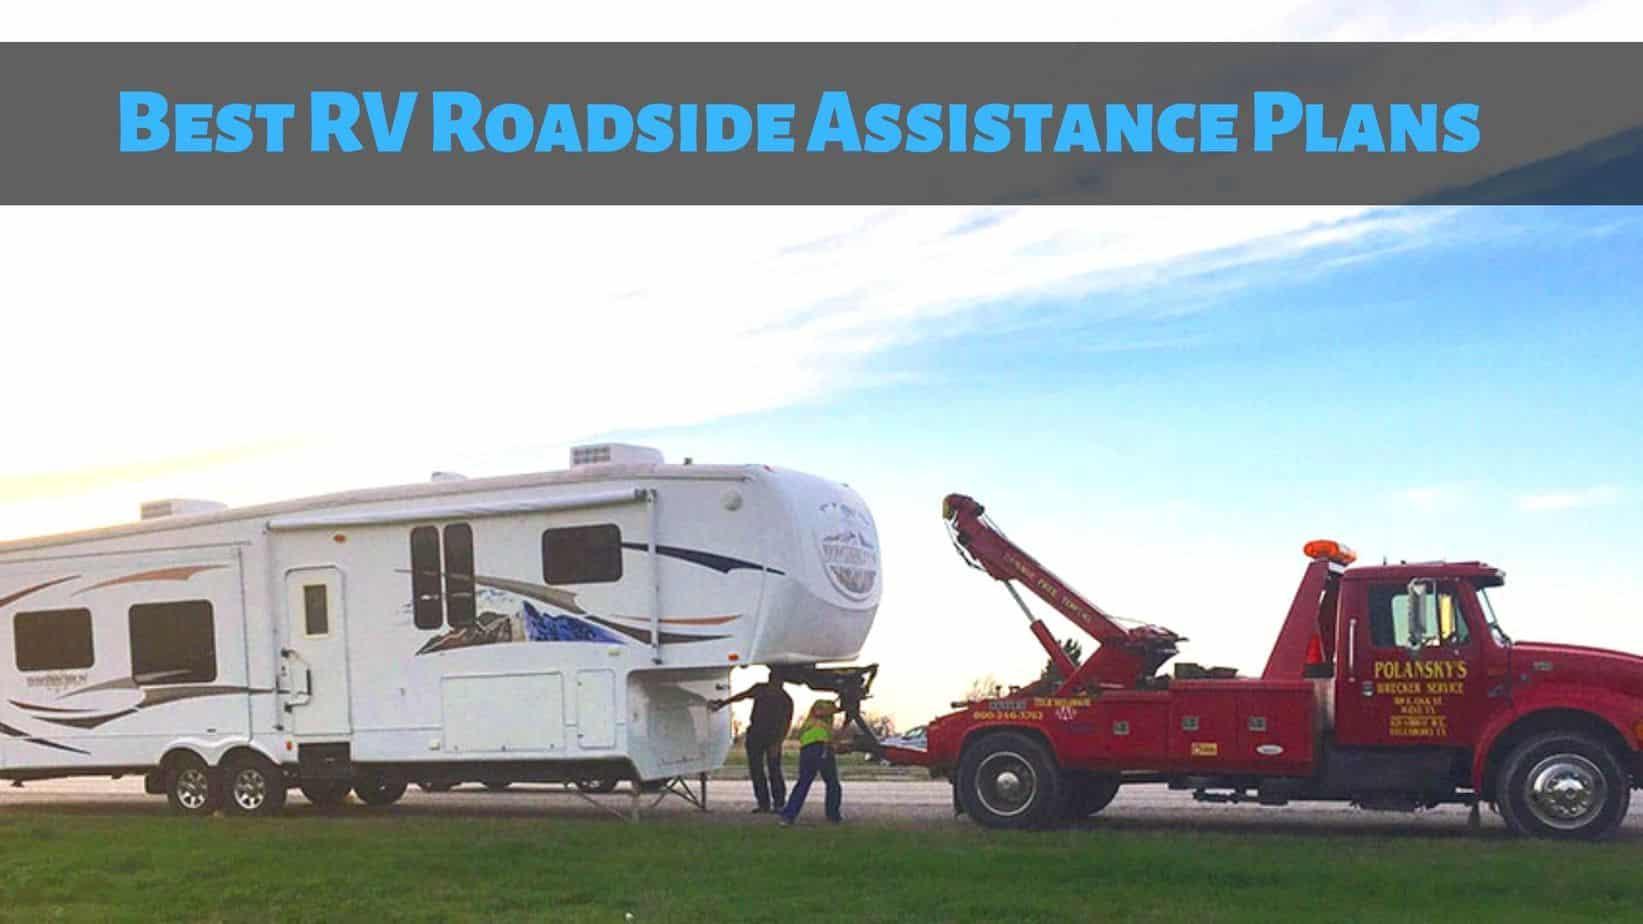 Best RV Roadside Assistance Plans [2021]: RVs, Motorhomes, Campers